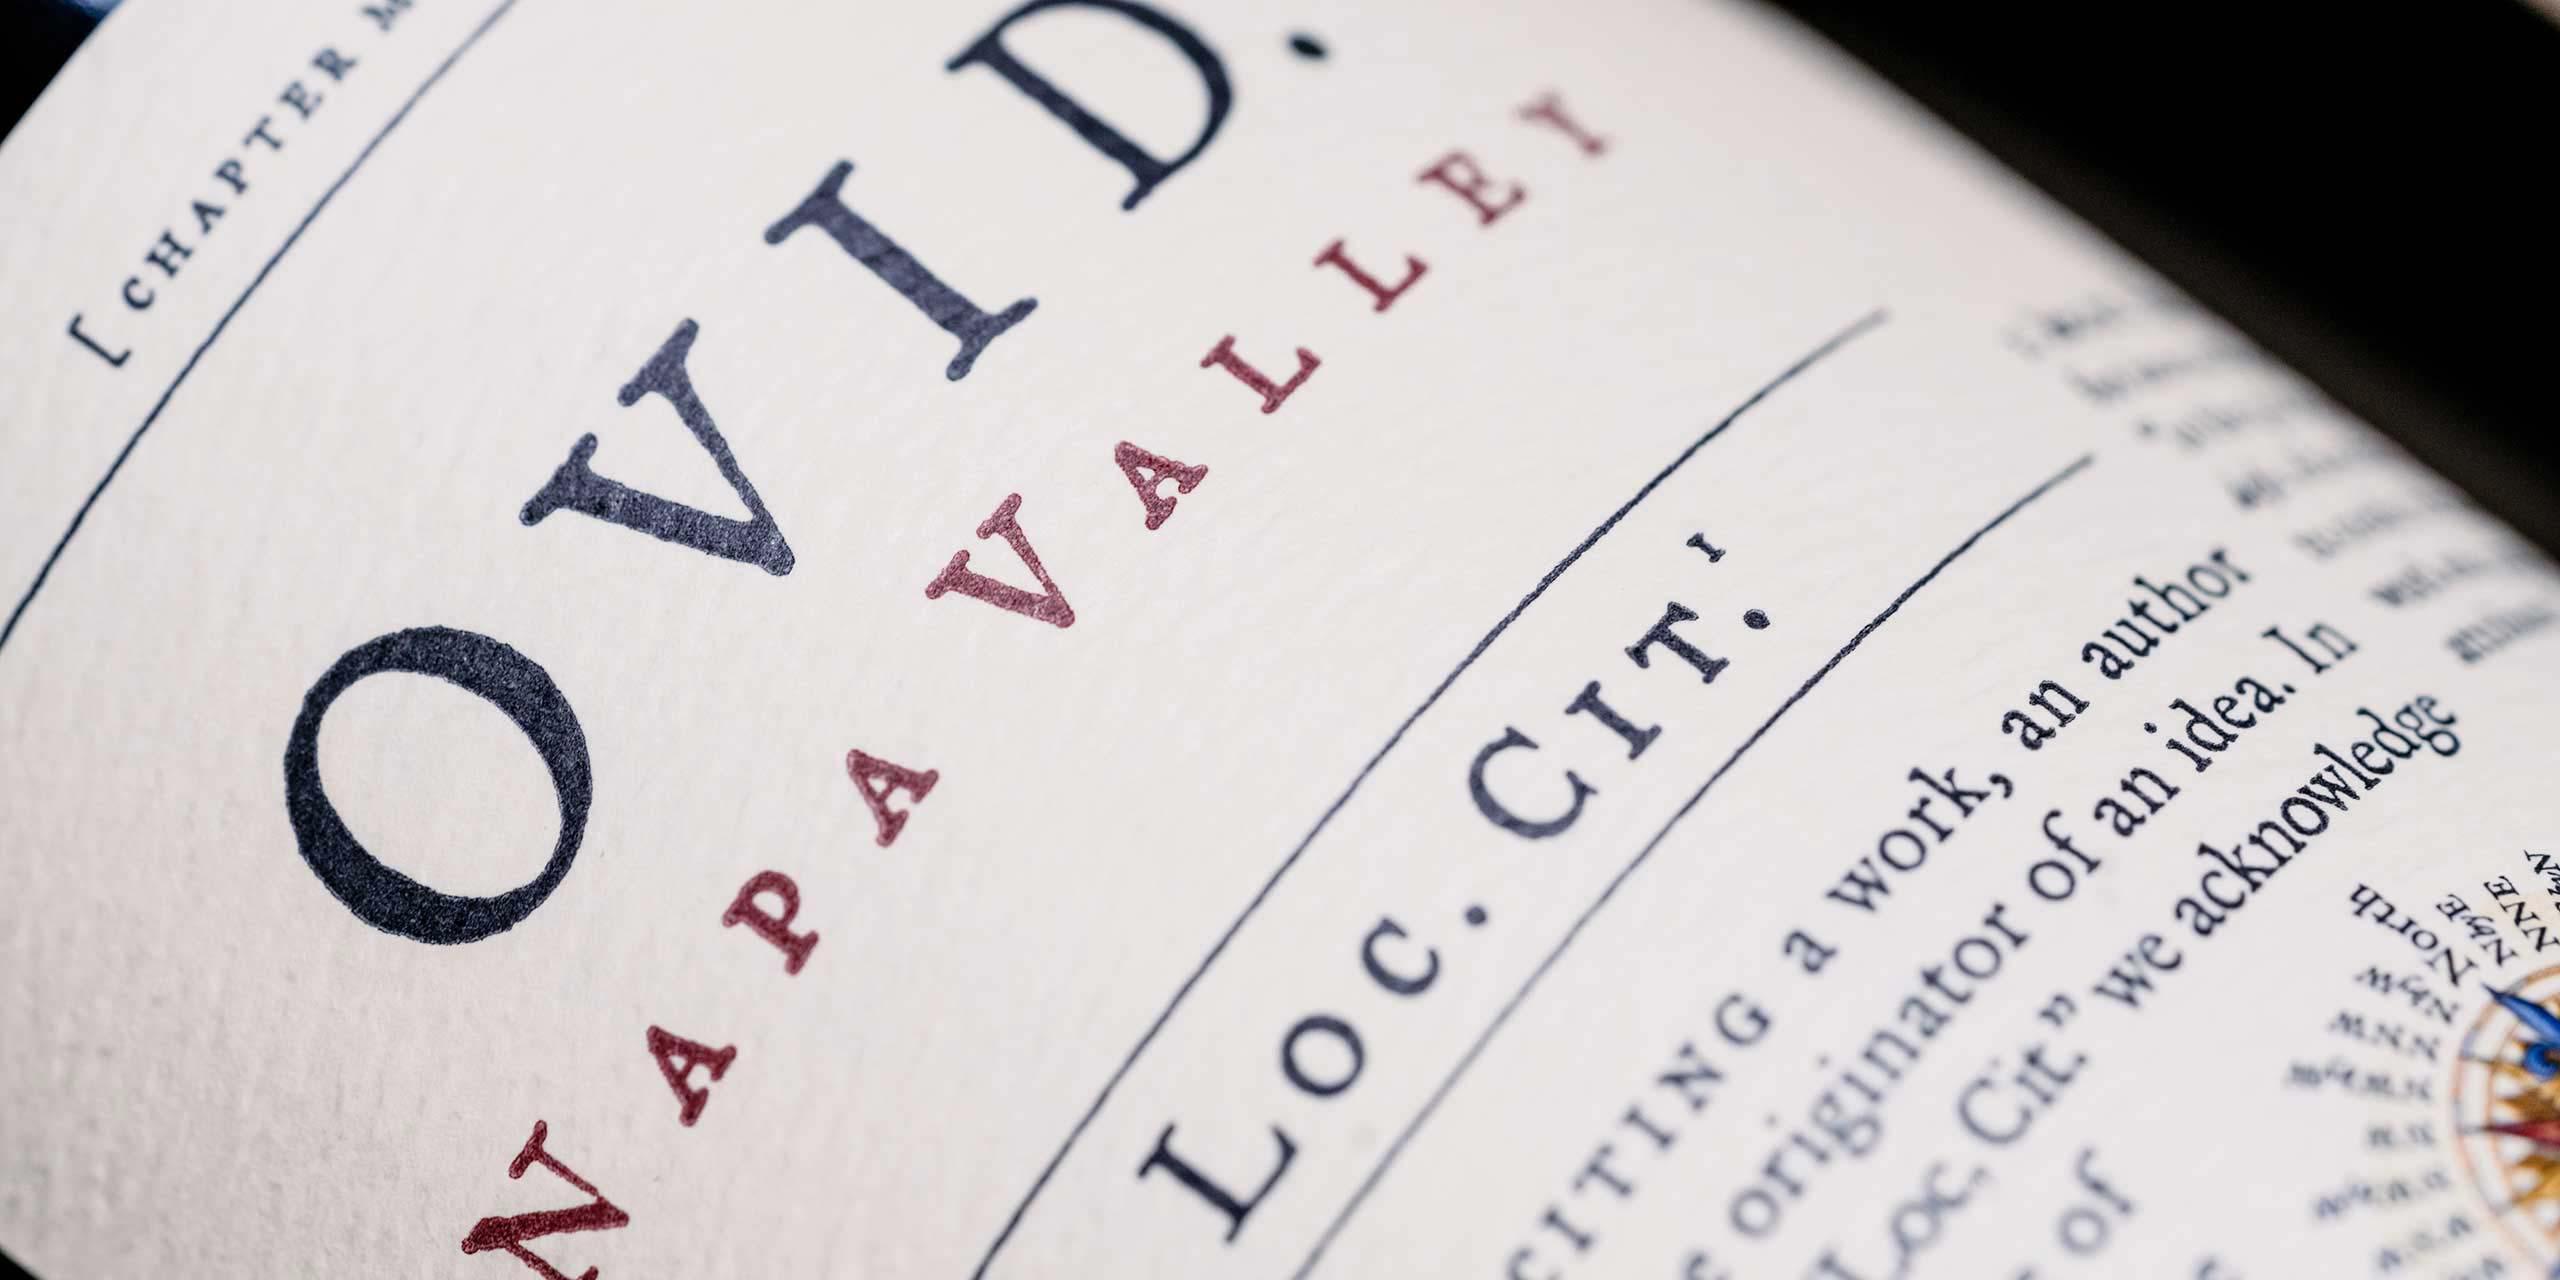 OVID Loc. Cit. wine label